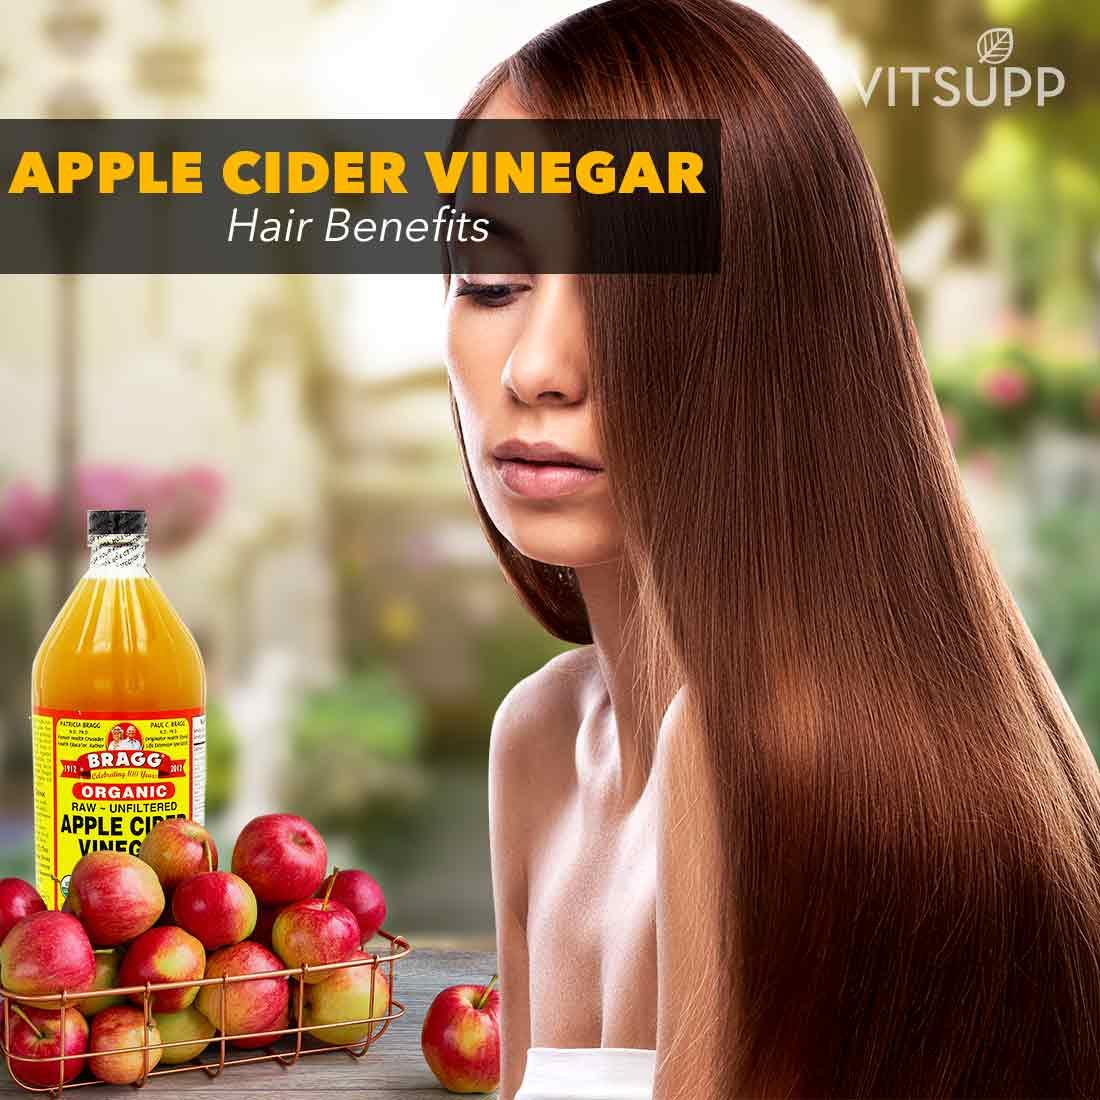 how to apply apple cider vinegar for hair